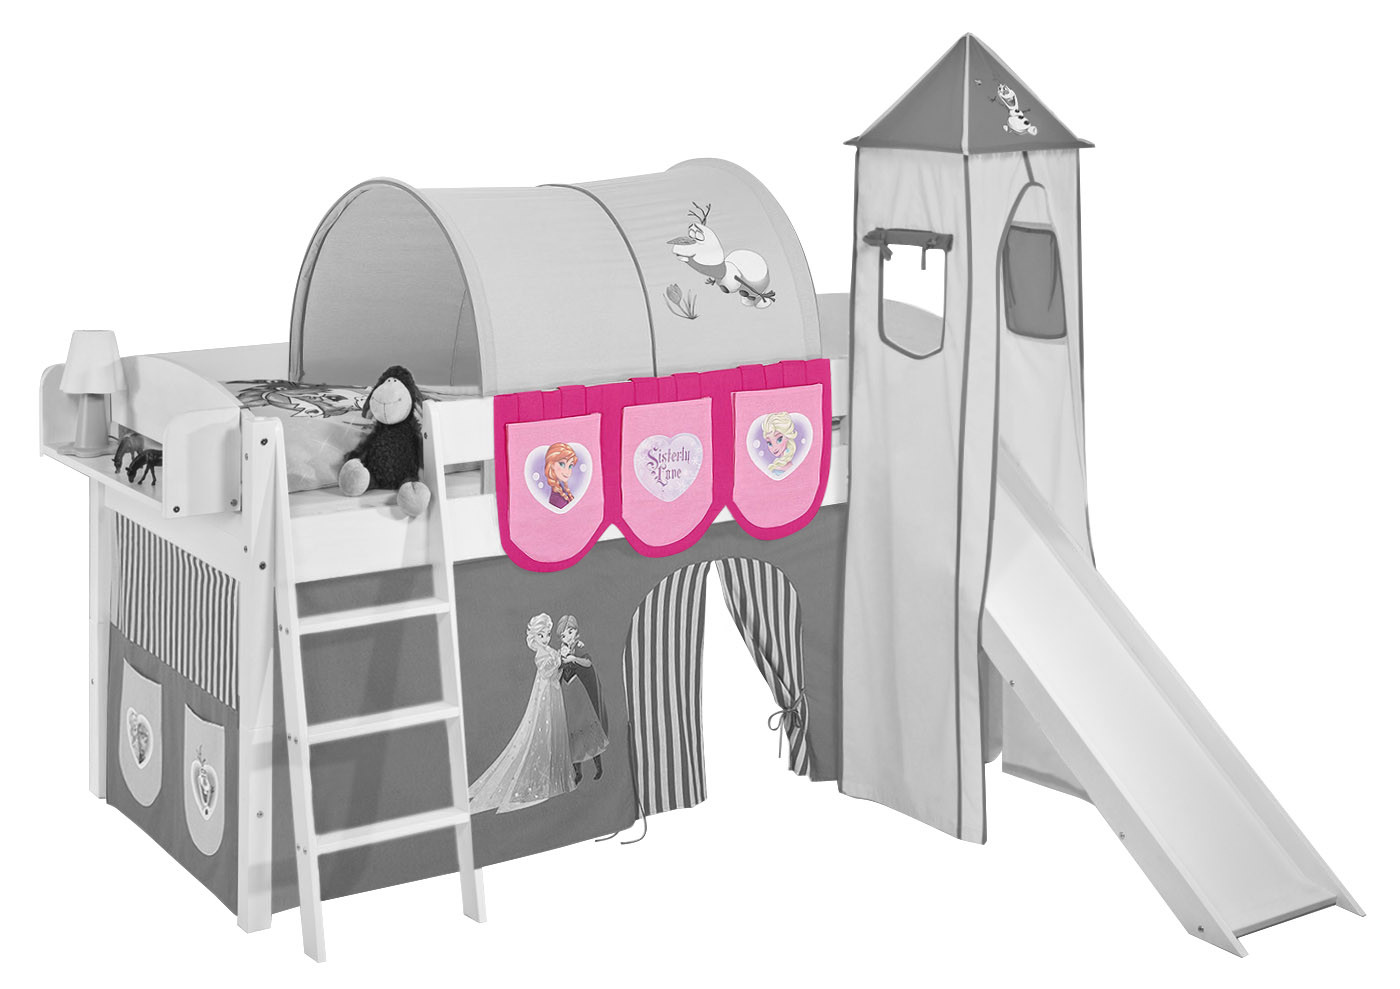 Etagenbett Spielbett : Eternity möbel hochbett spielbett pino kinderbett jugendbett